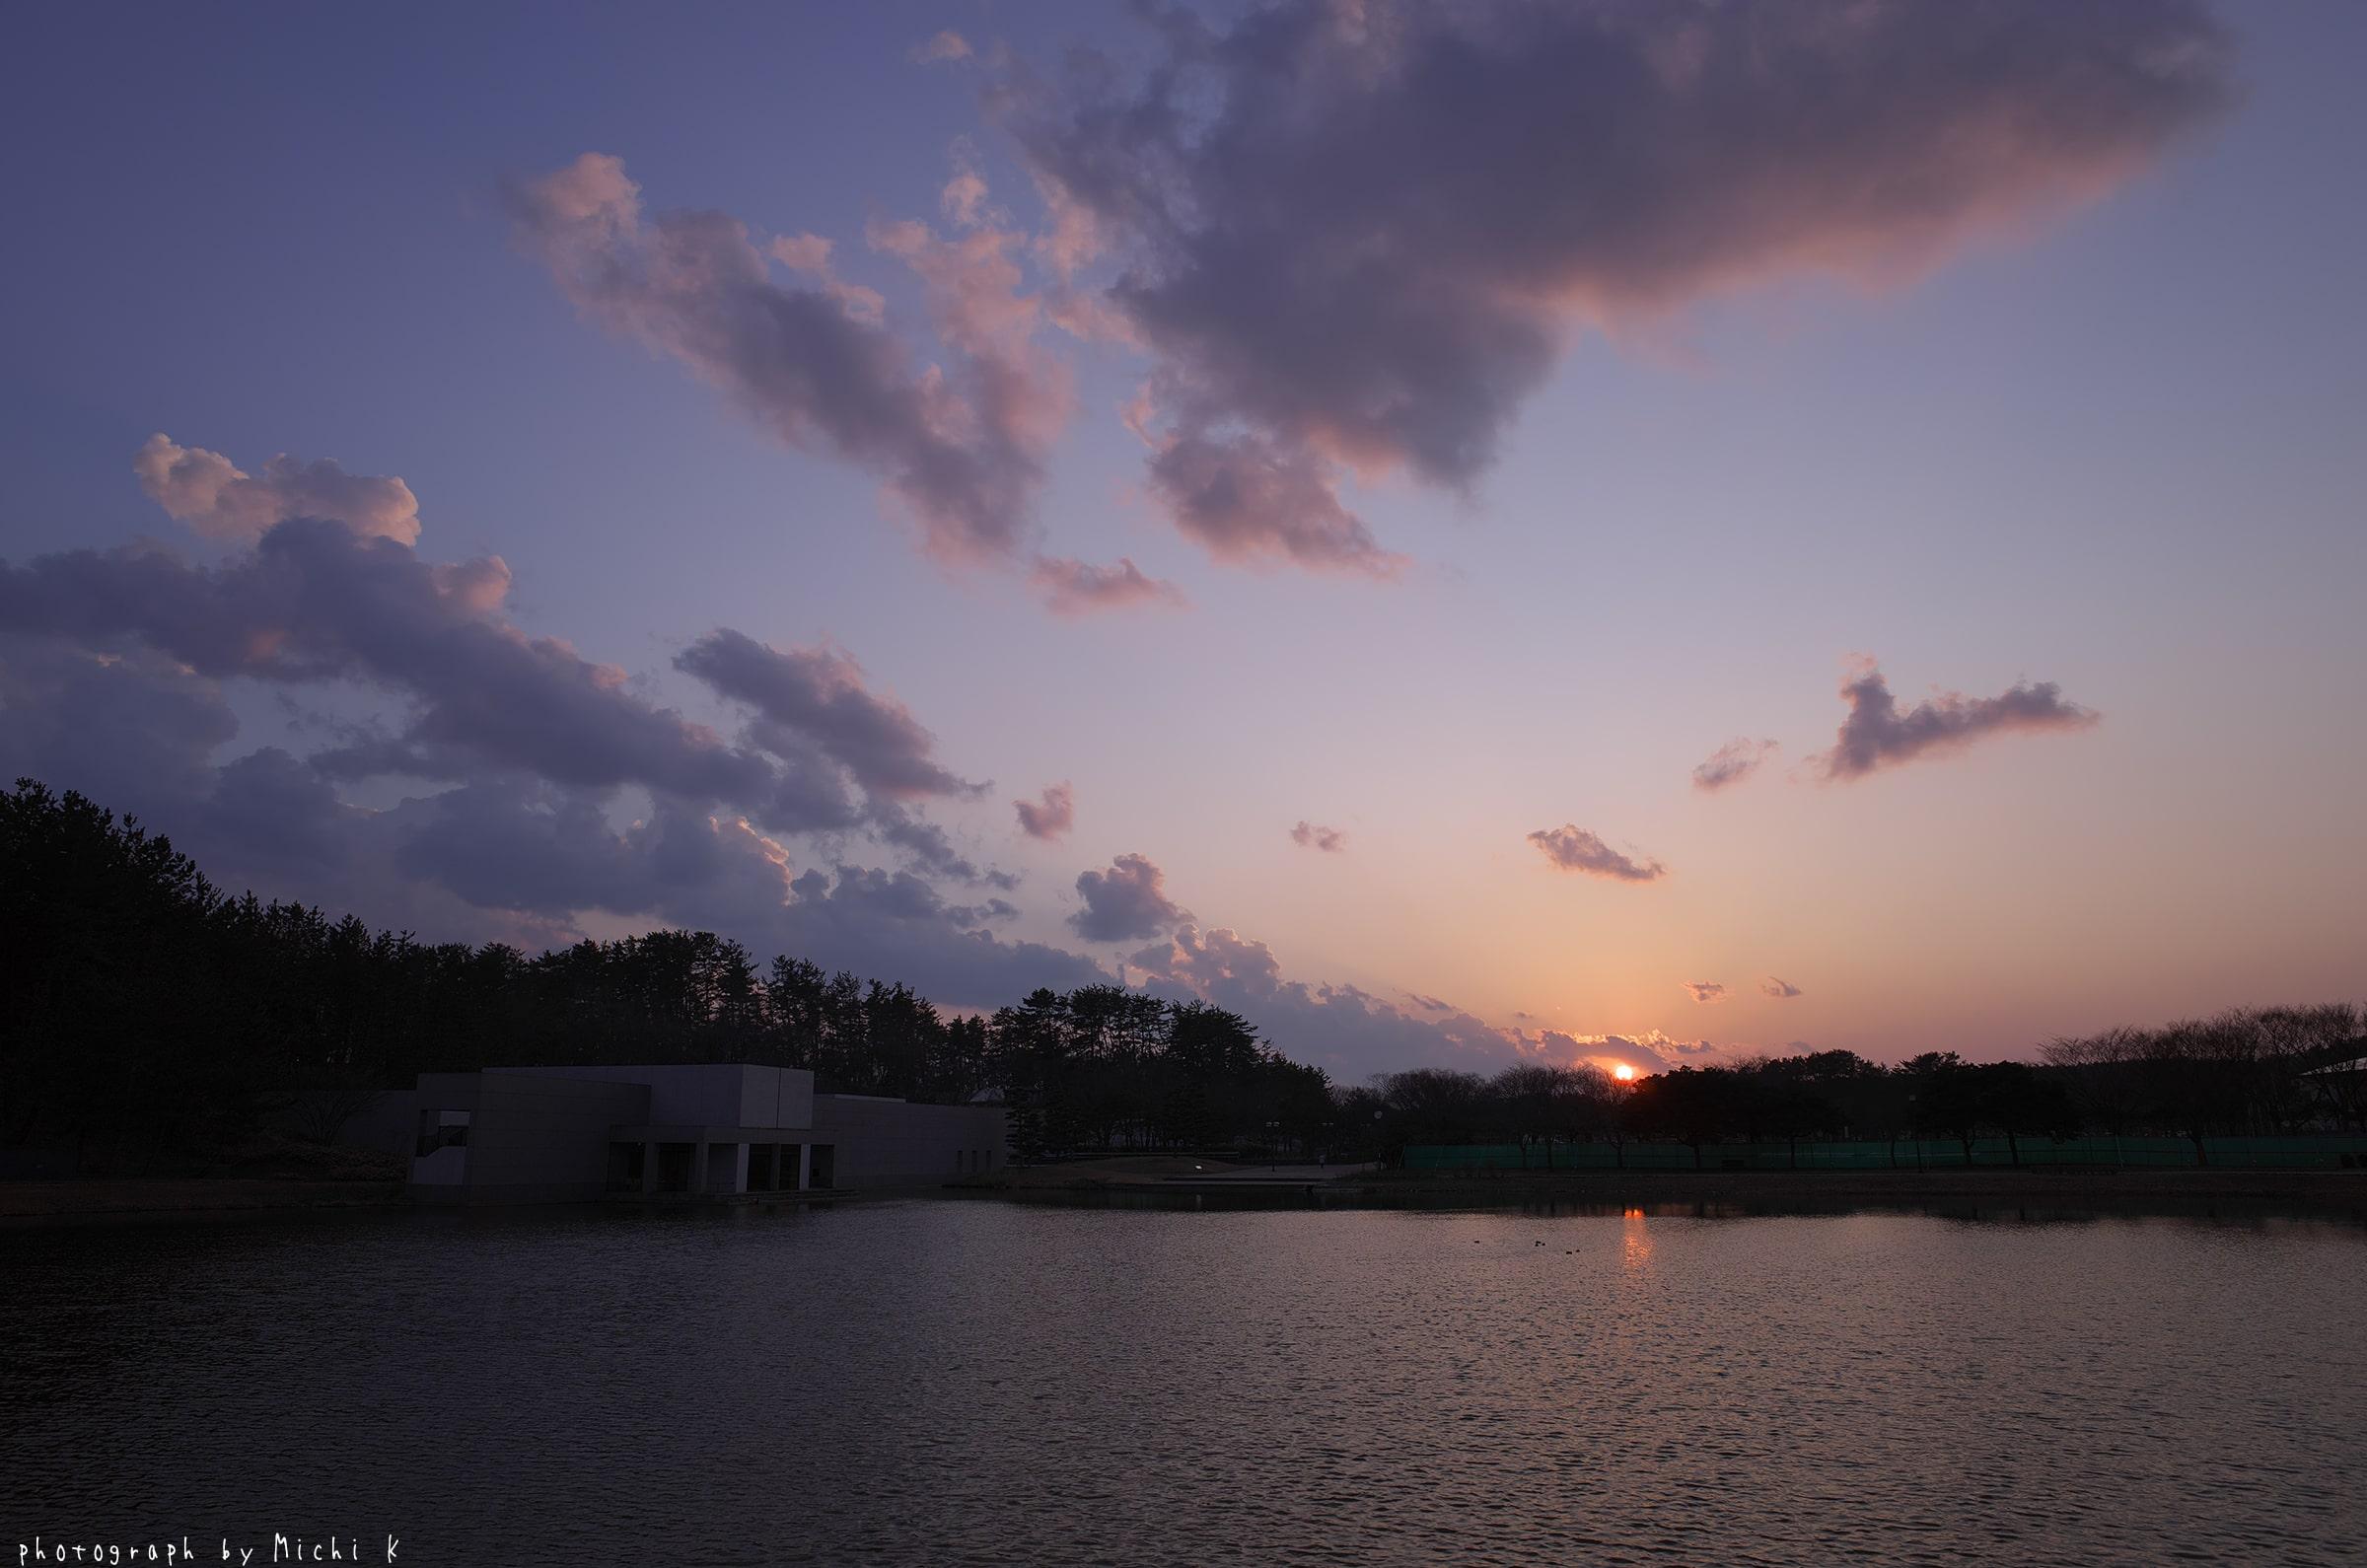 土門拳記念館にて2019-3-2夕方(写真その5)